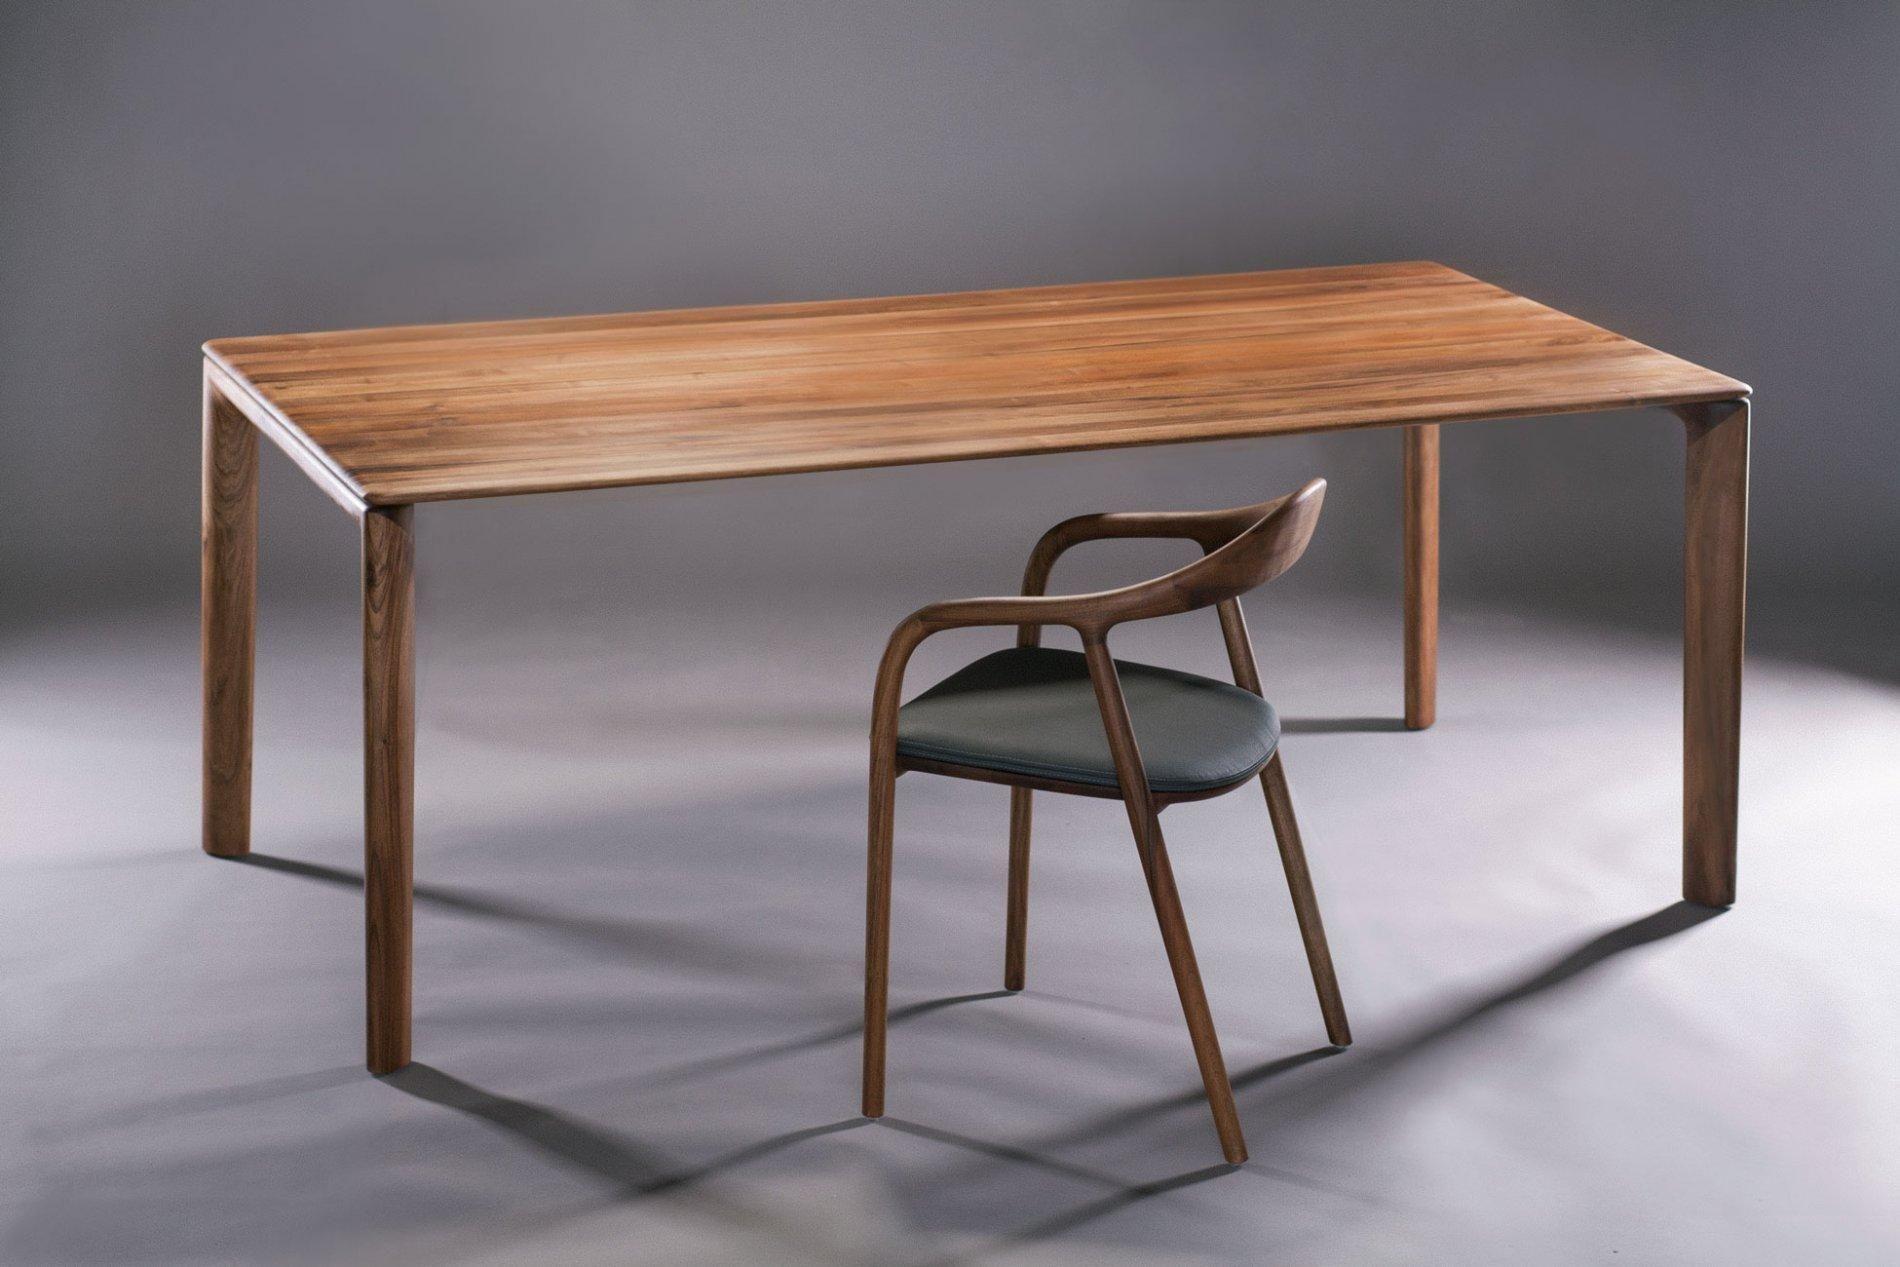 neva1 | esstisch design, esstisch stühle, polsterstuhl